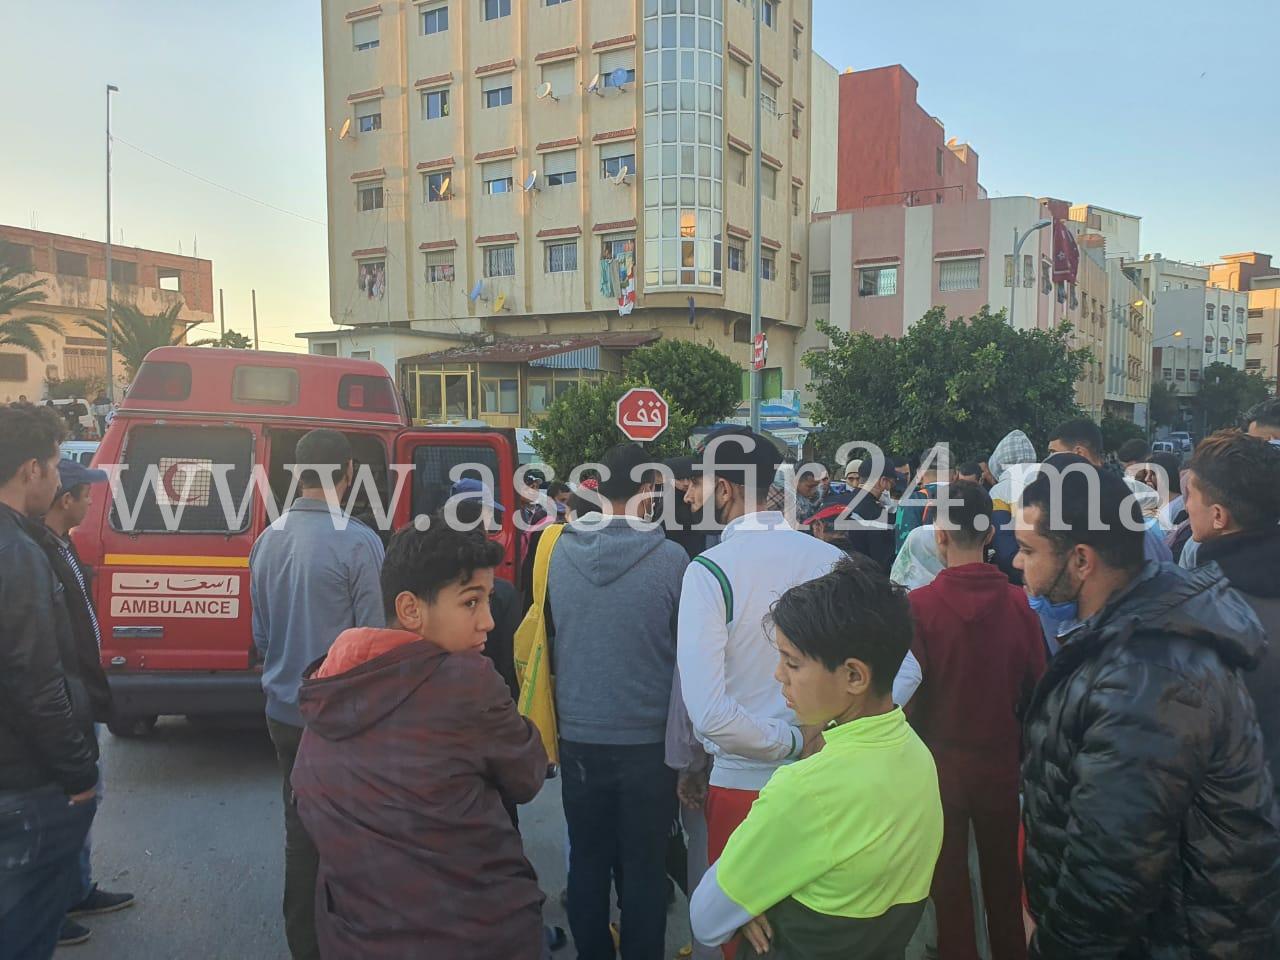 طنجة : محاولة قتل شاب من طرف مبحوث عنه تهز حيسيدي ادريس